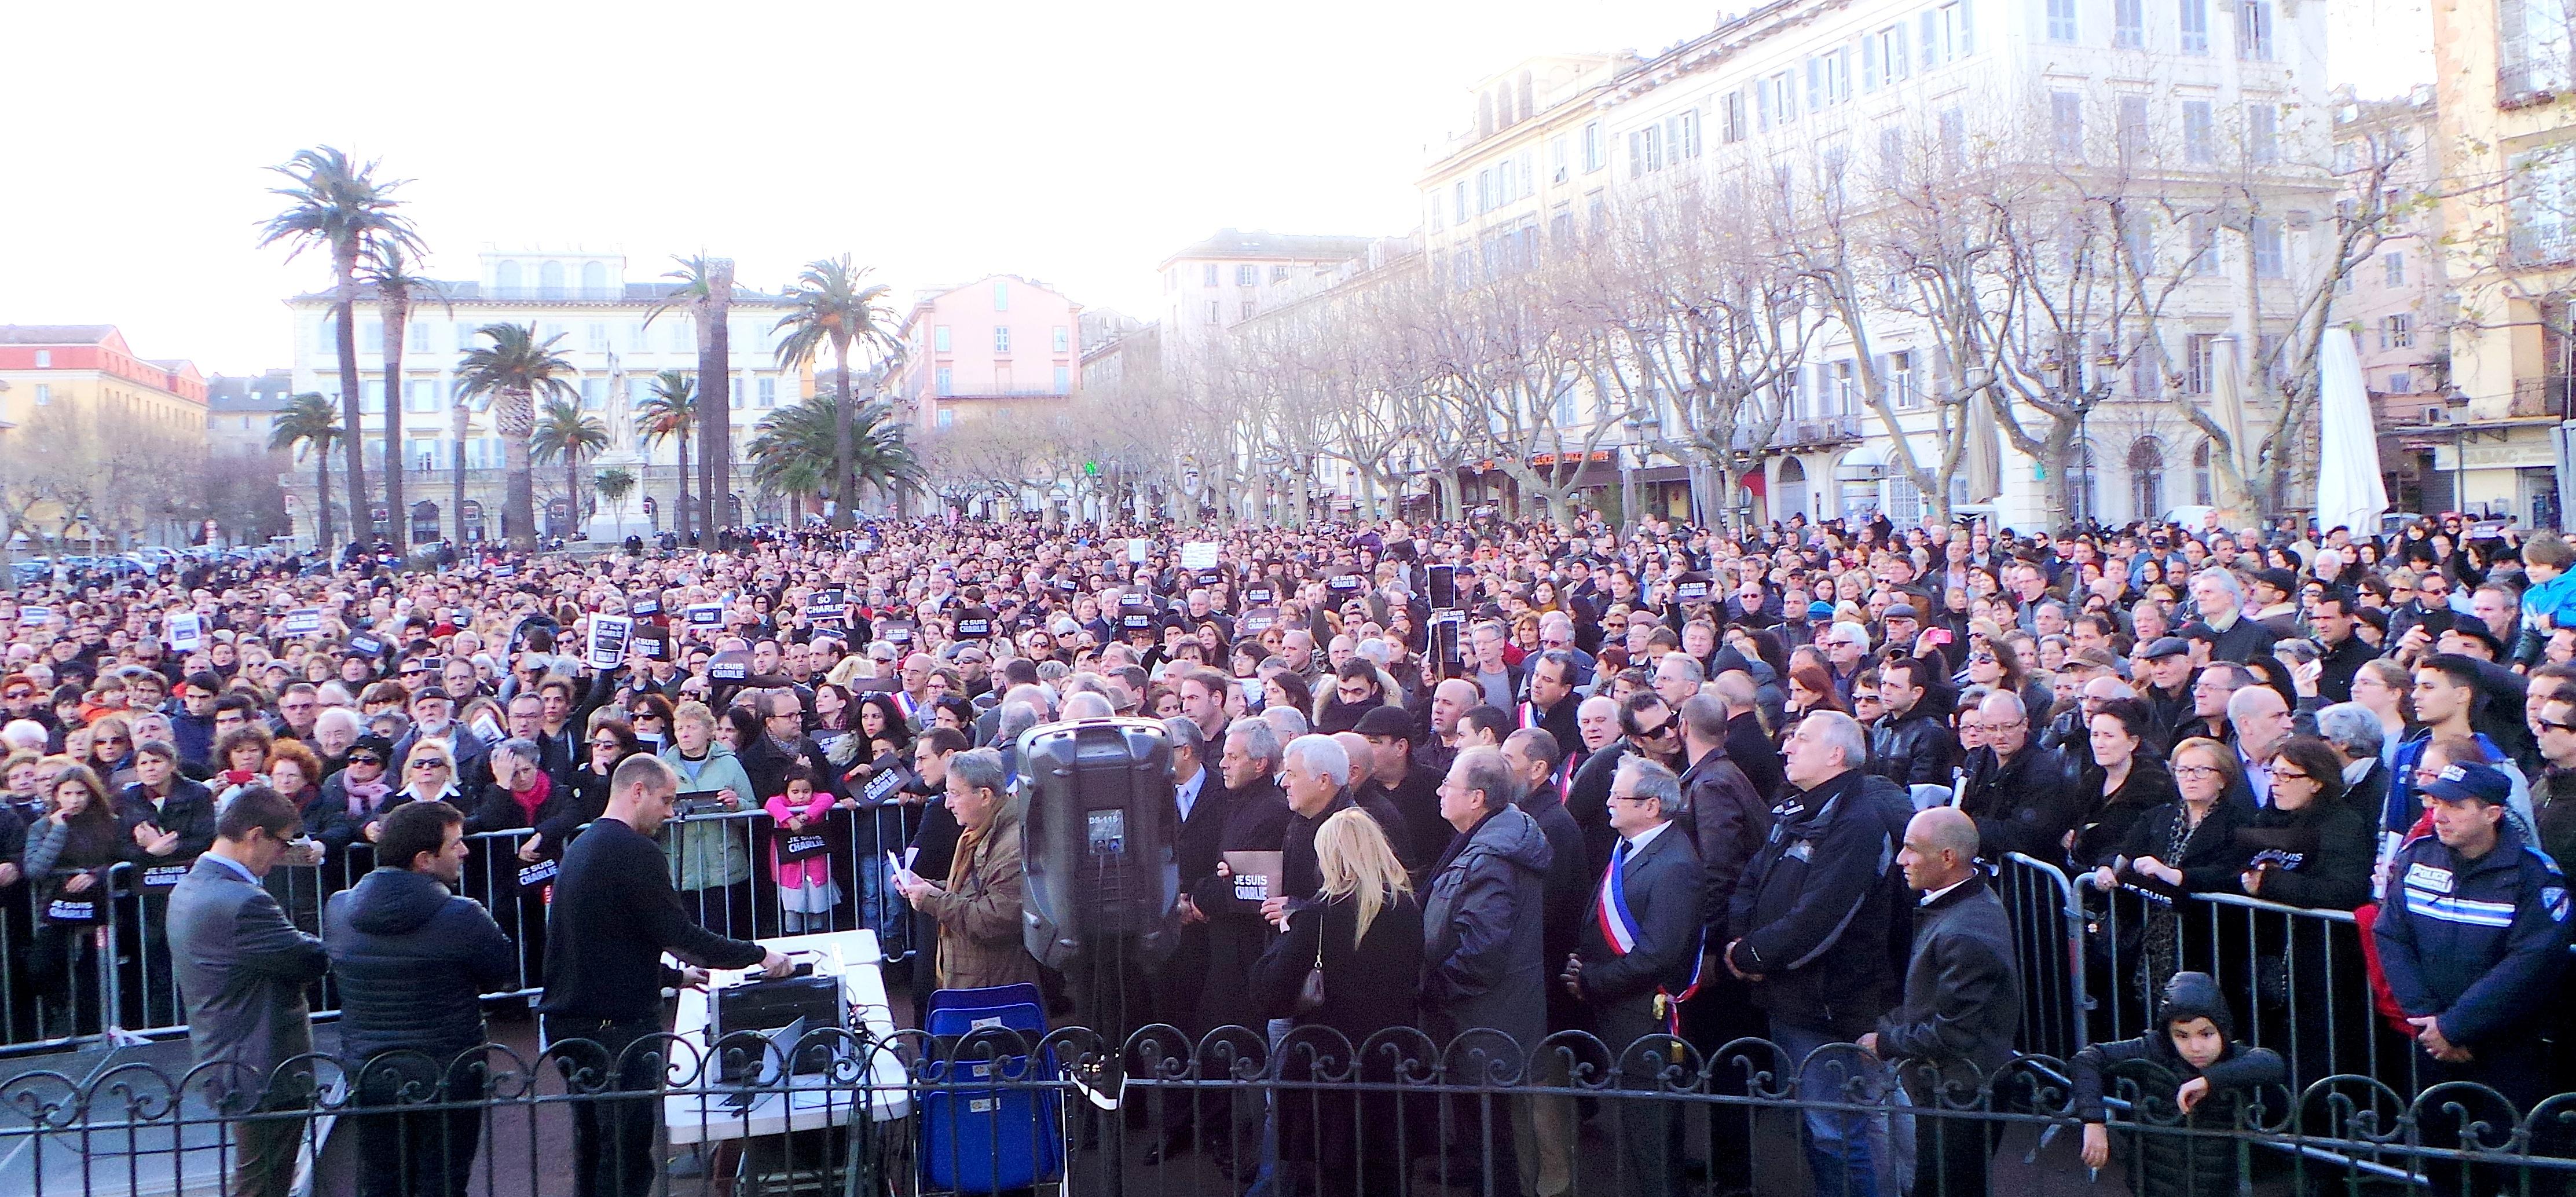 Charlie Hebdo : Les premières images du rassemblement de Bastia